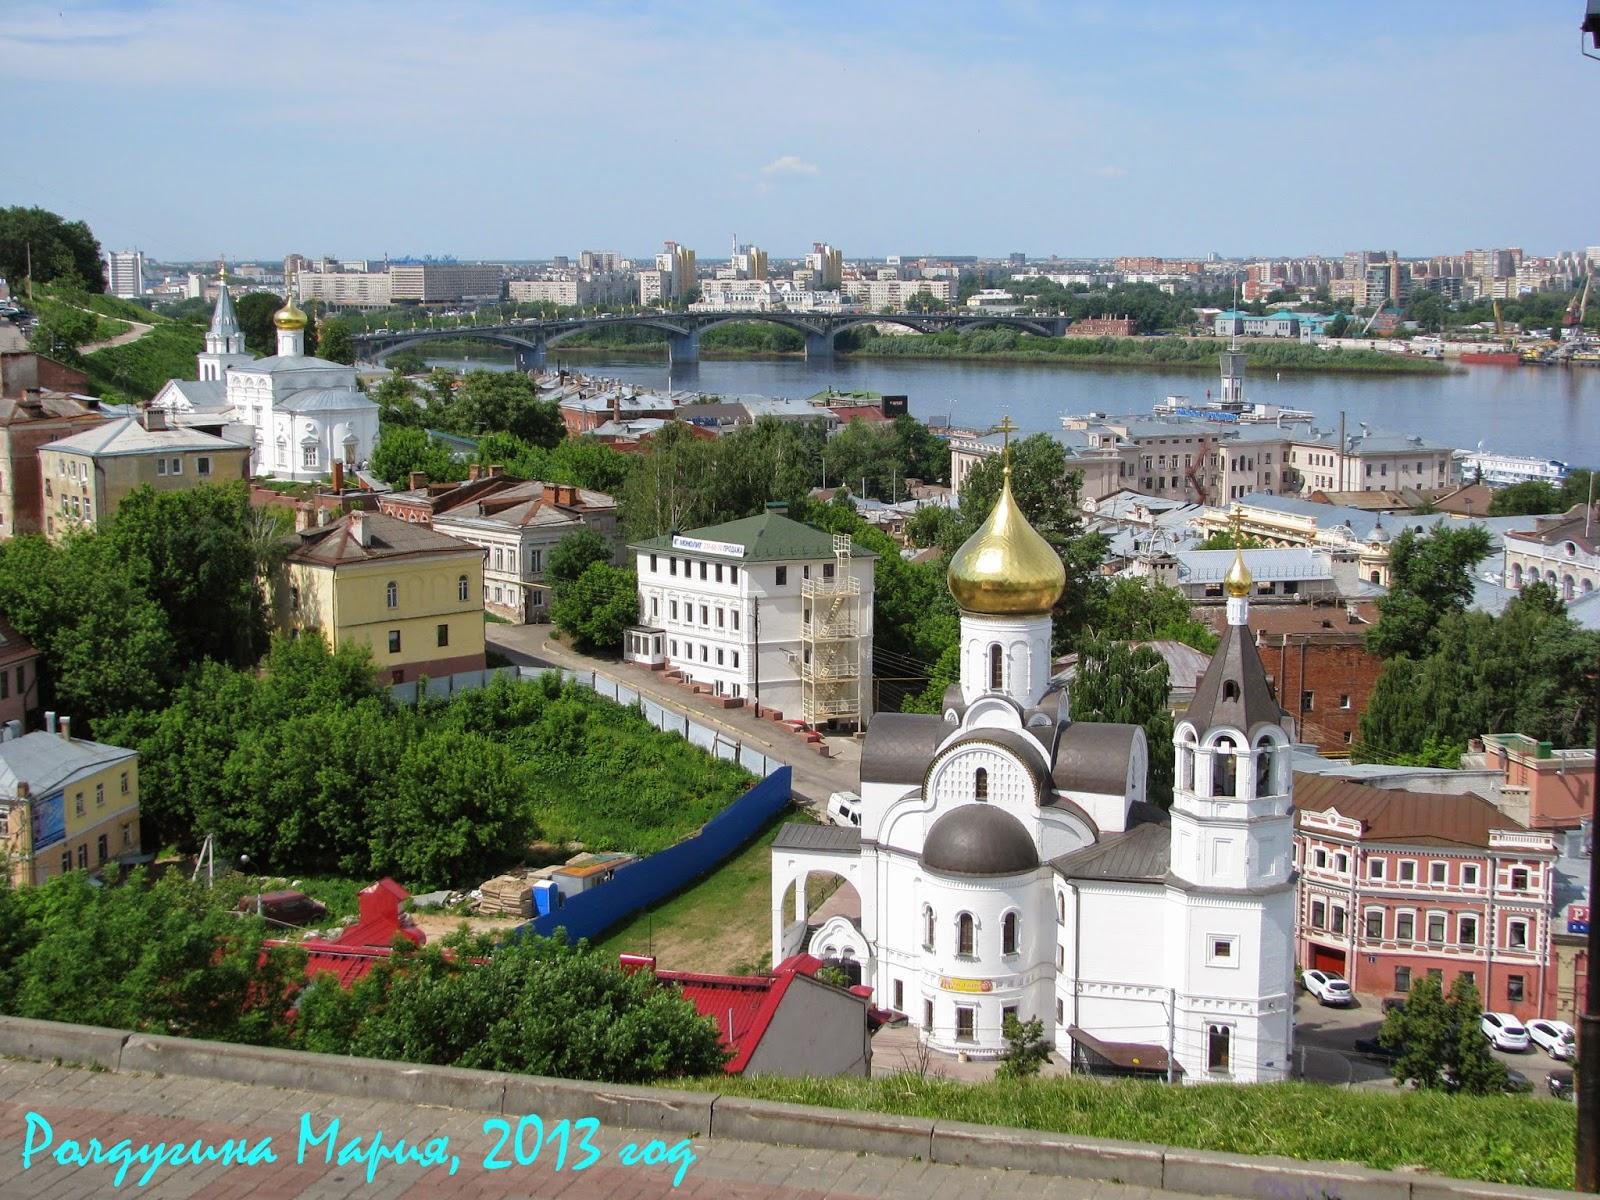 Нижний Новгород  панорама